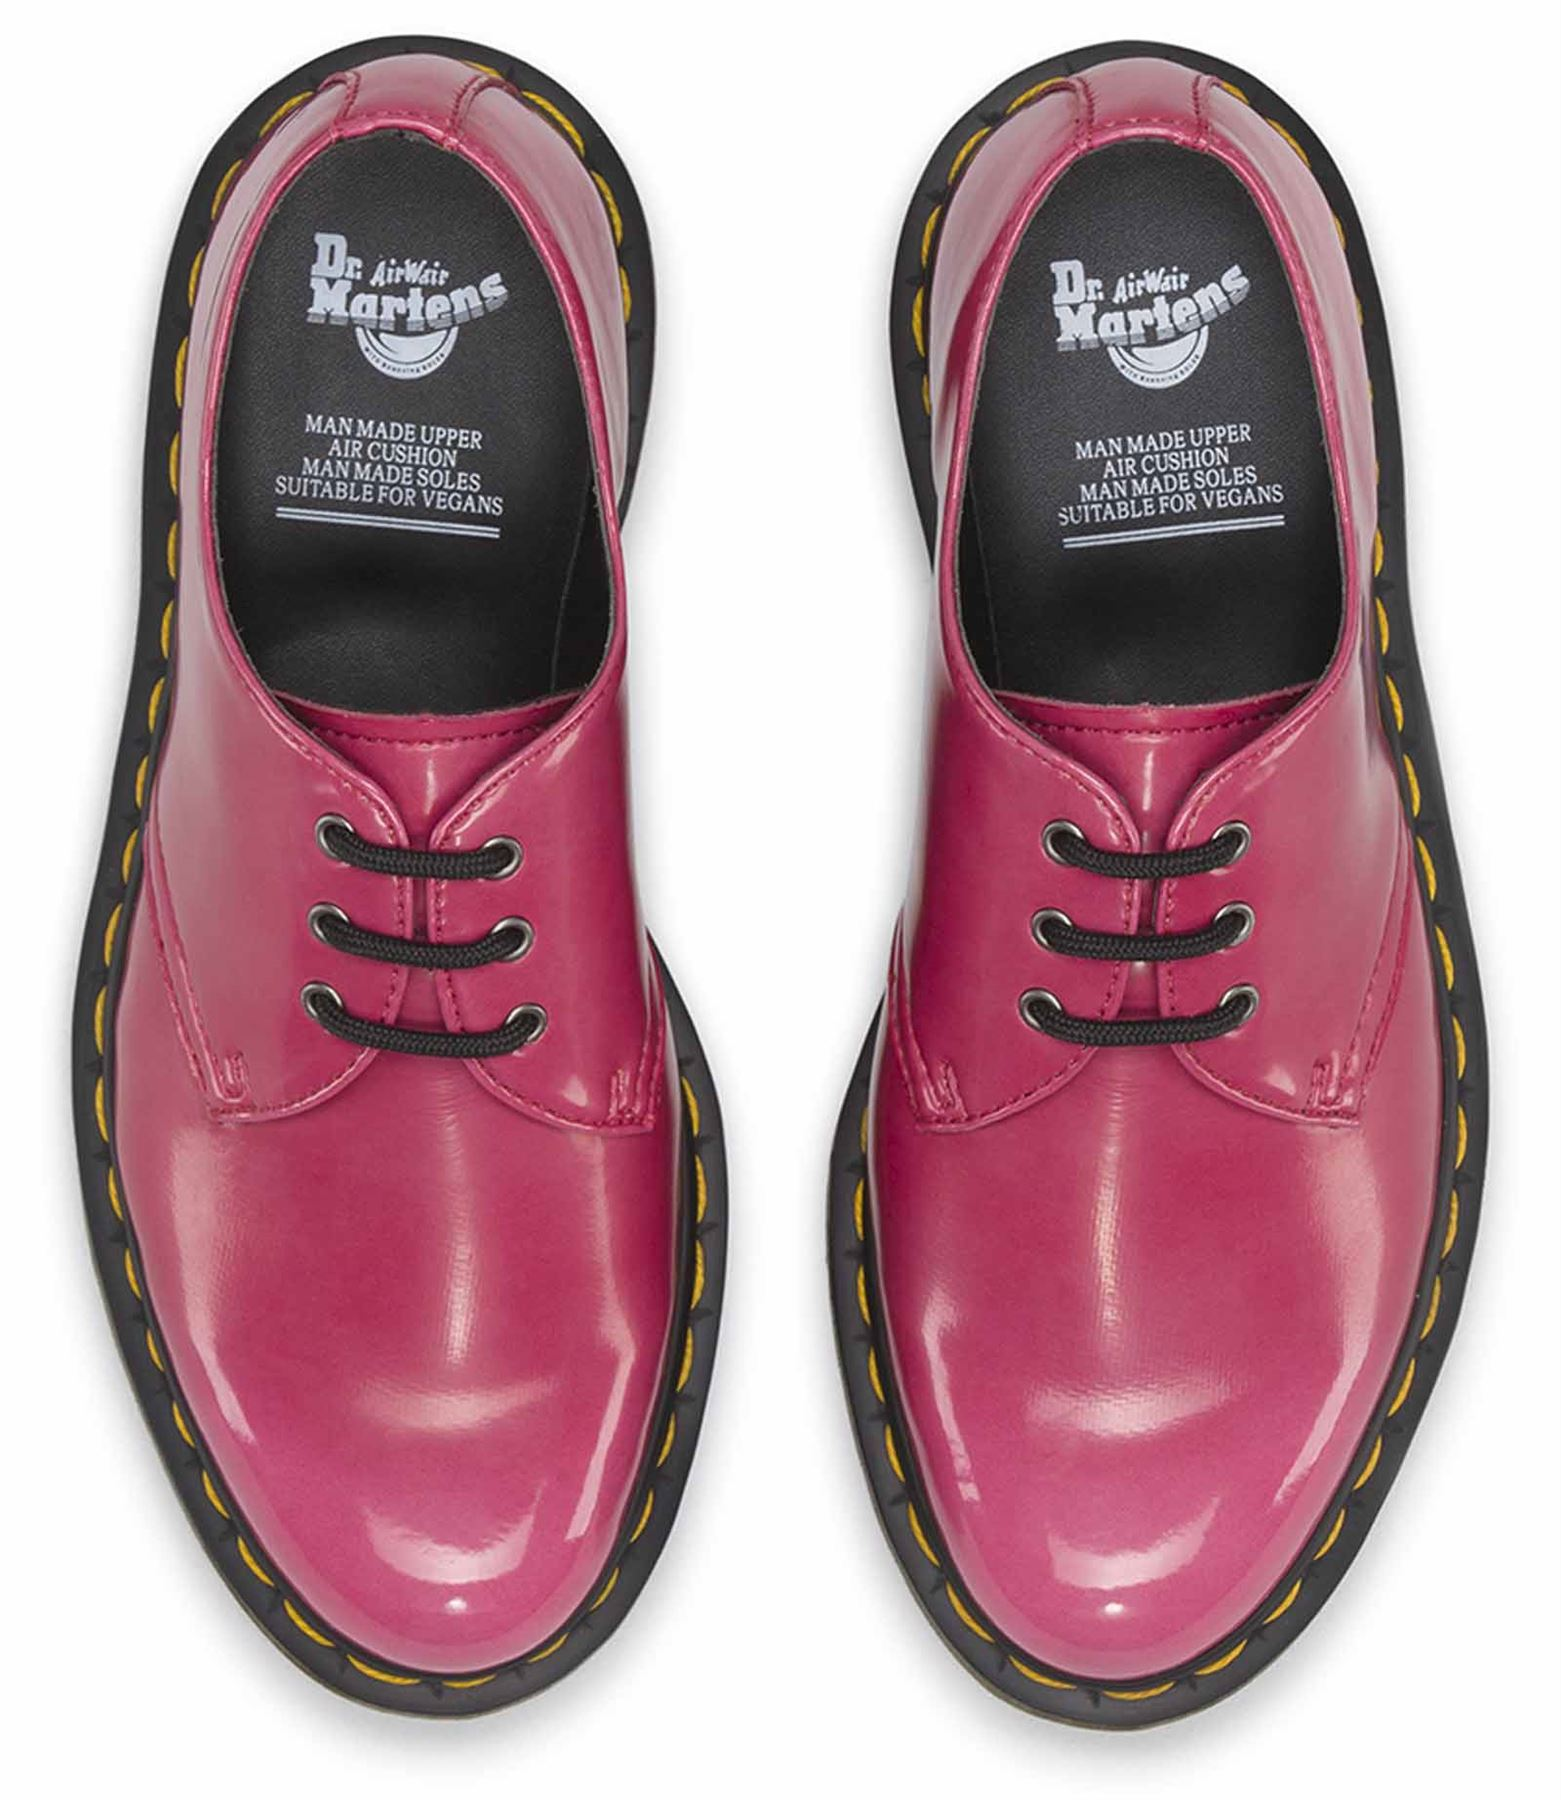 Dr Martens femme 1461 100% Vegan Vegan Vegan Végétarien Cambridge Brosse Chaussures De Loisirs 13e5f1